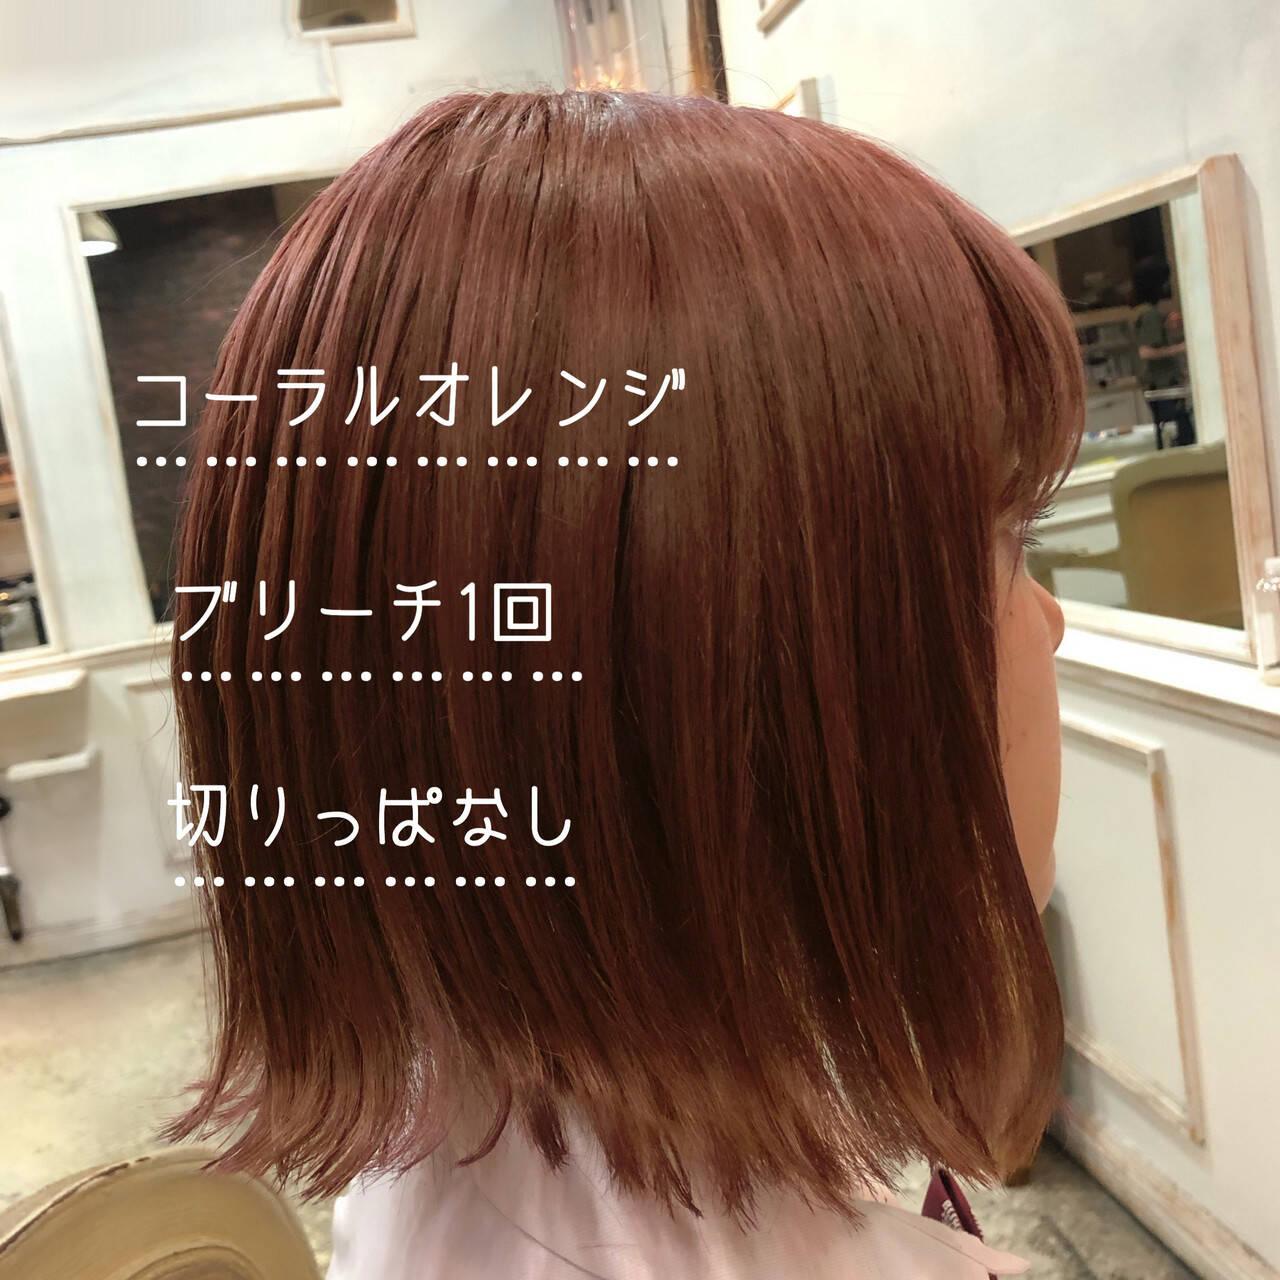 オレンジ ストリート ピンク ブリーチカラーヘアスタイルや髪型の写真・画像